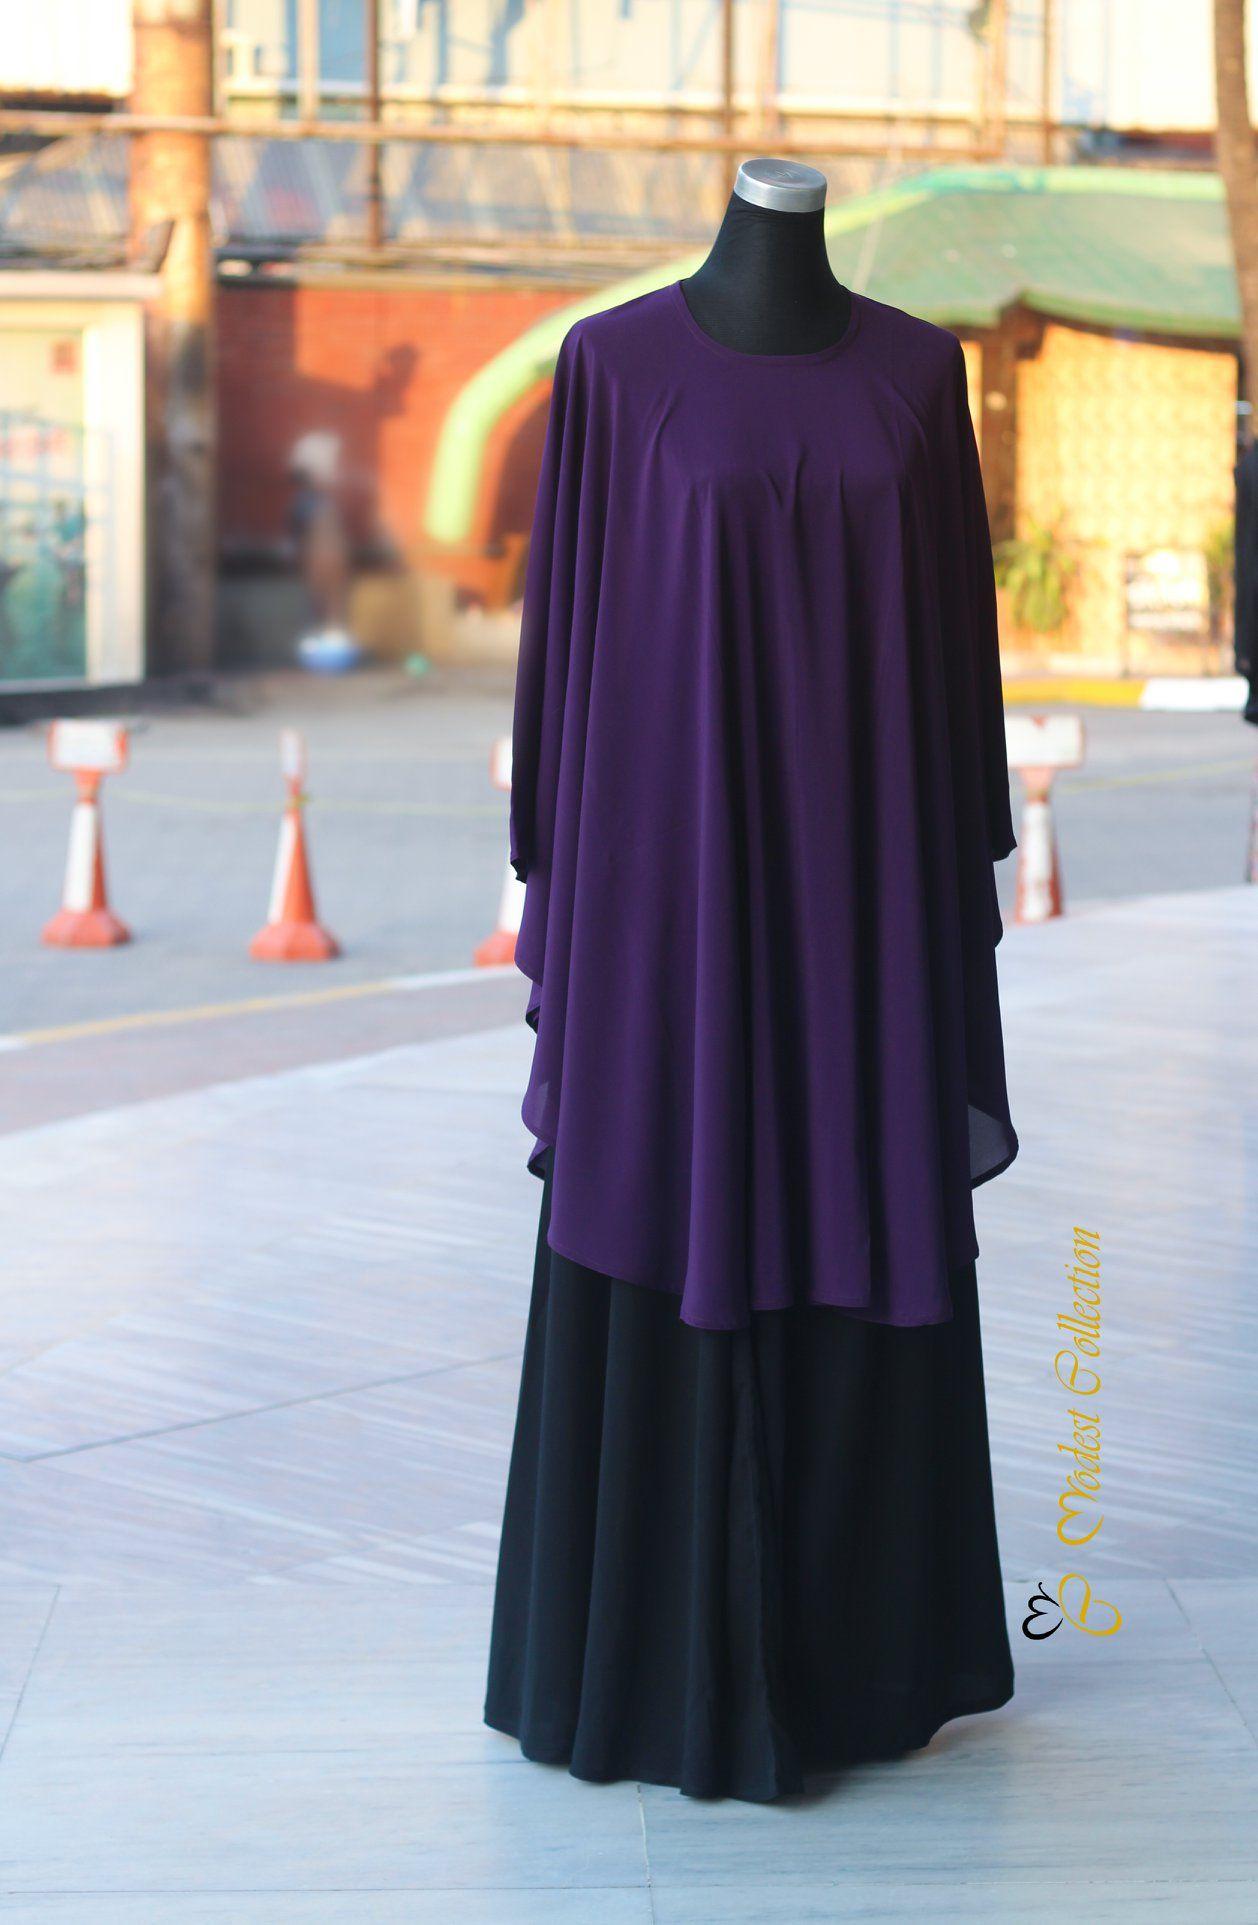 #drapekaftan #longskirt #purple #coverup #maternitywear #modestoutfit #caftan